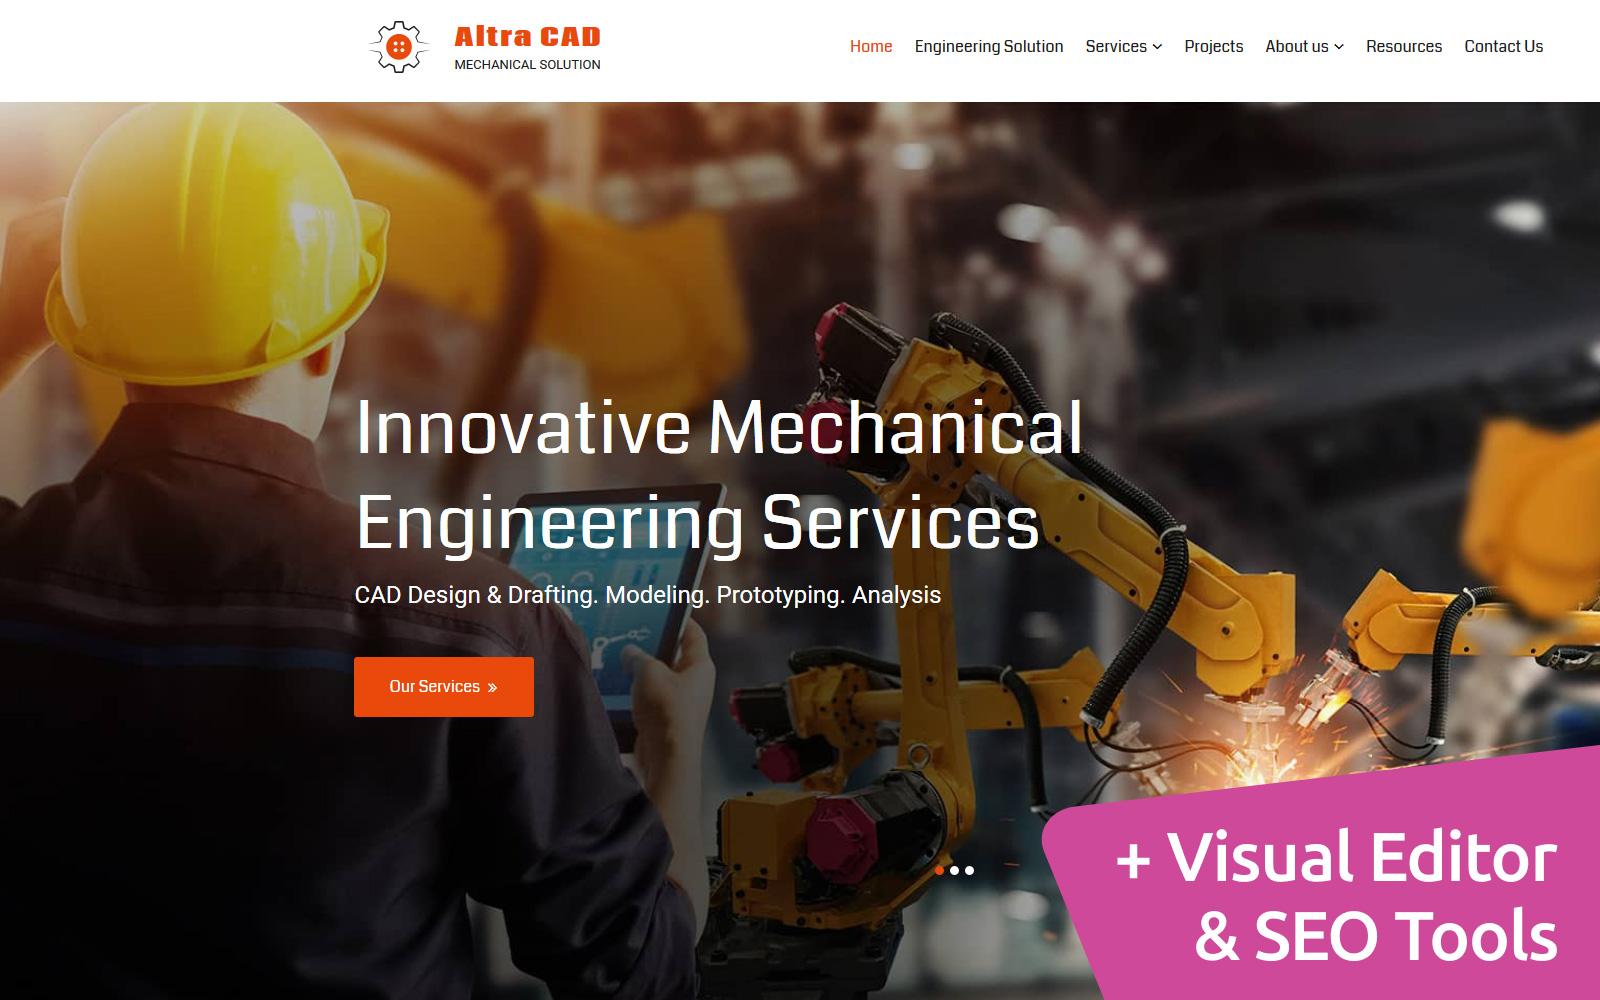 Reszponzív Altra CAD - Mechanical Solution Moto CMS 3 sablon 106468